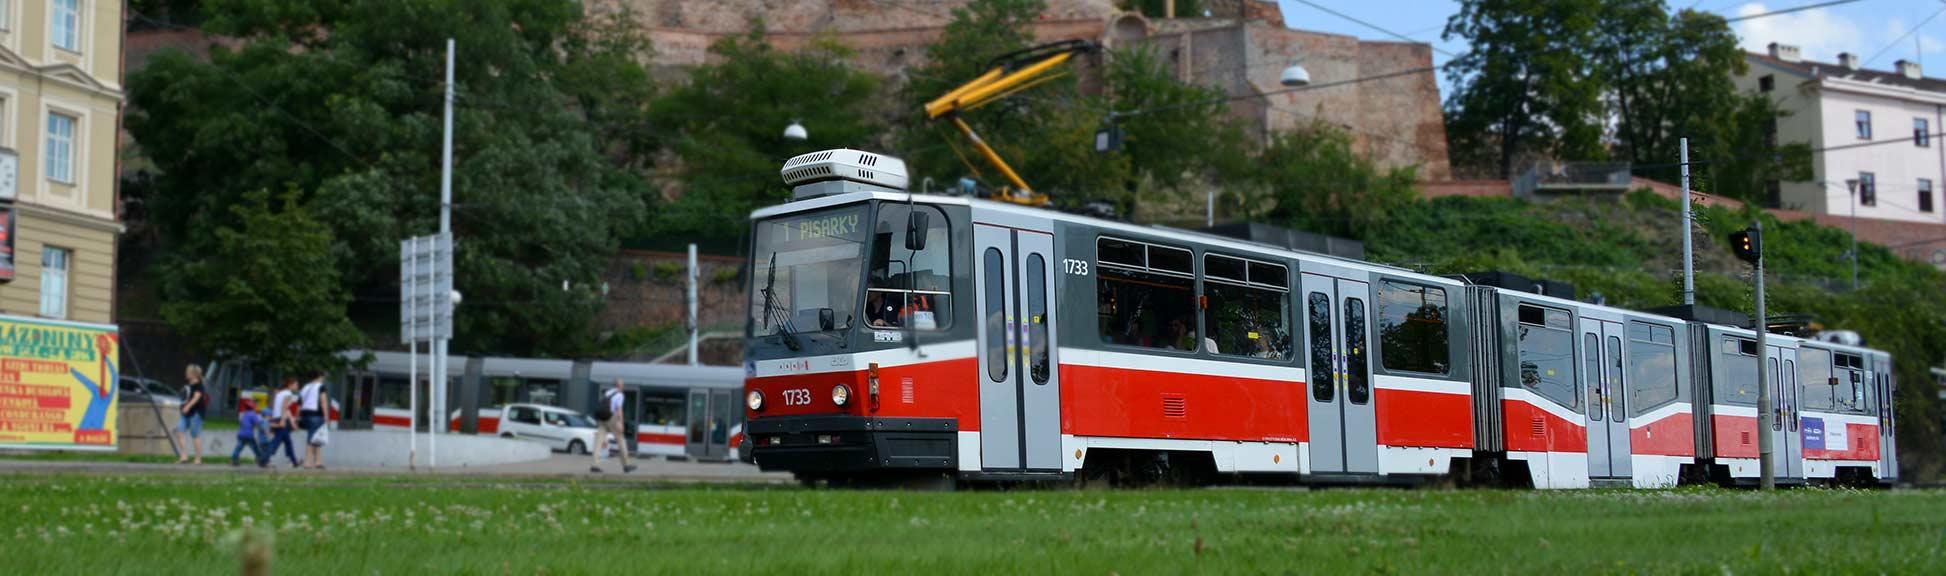 Šalinkarta [Tram Ticket]